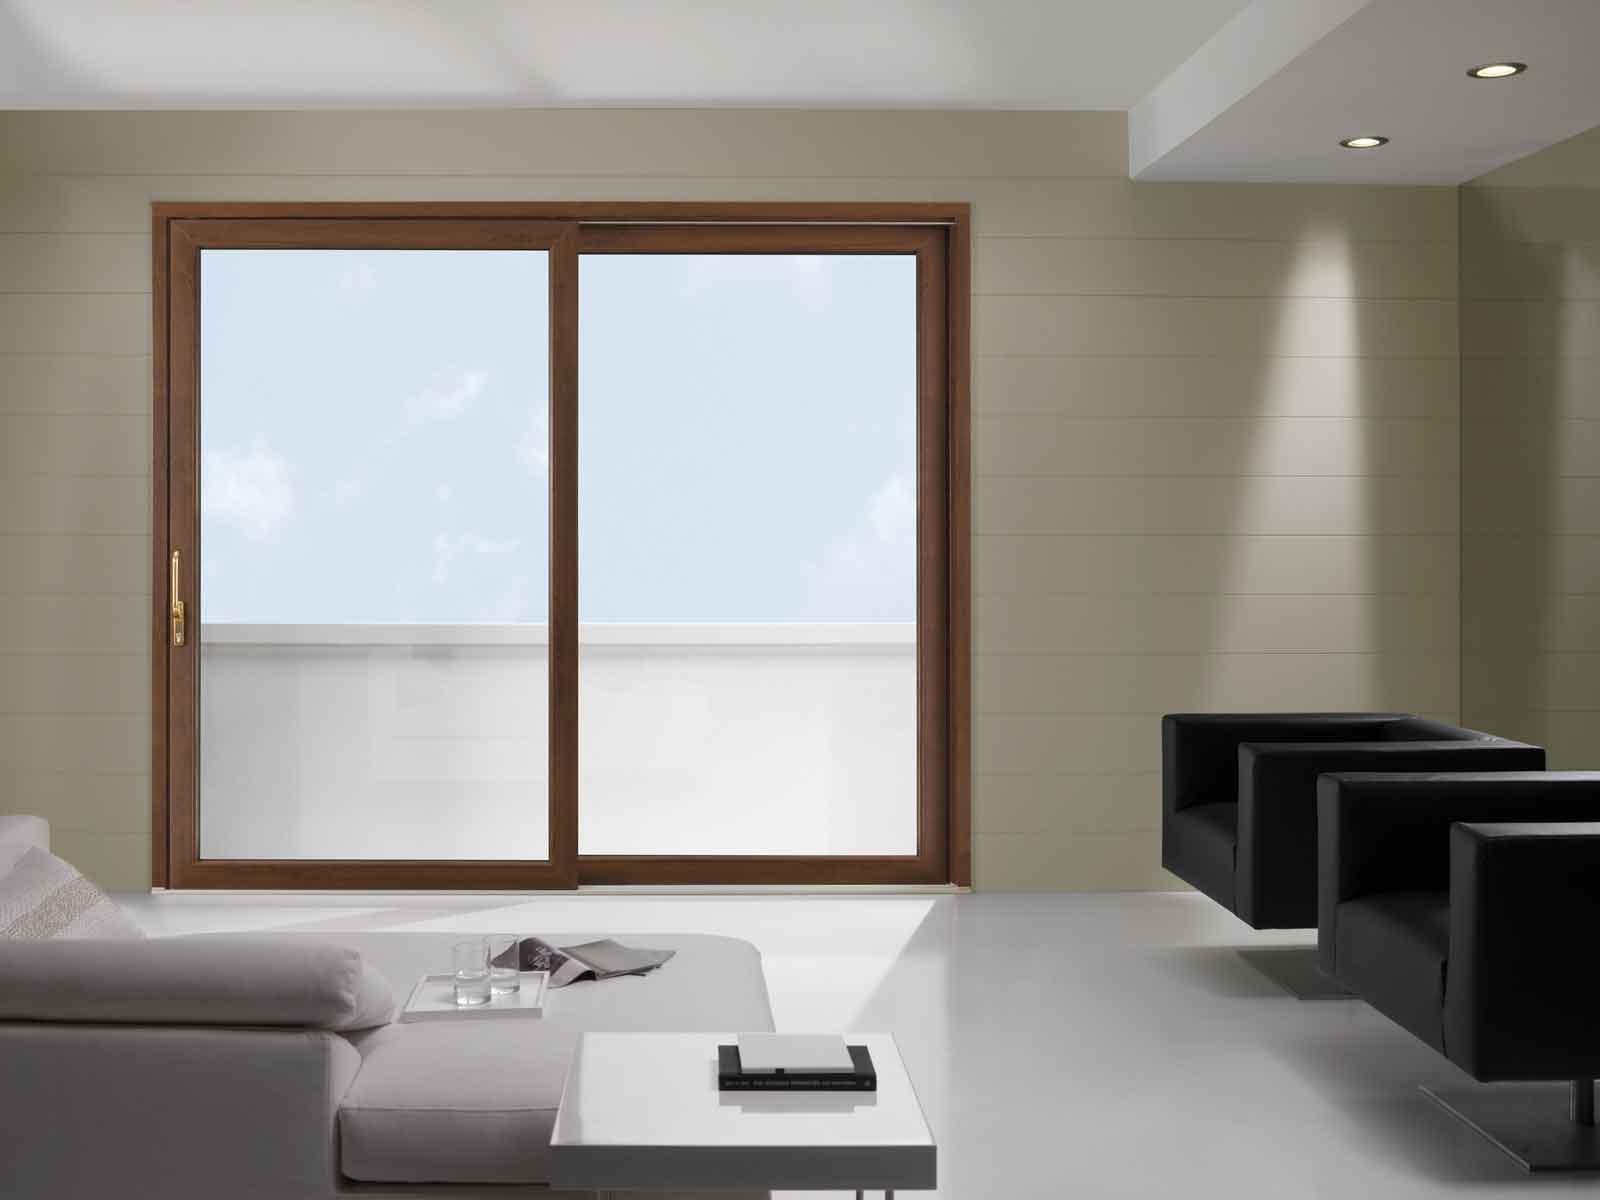 Produzione alzanti scorrevoli in pvc e vetrate reale infissi - Aeratore termico per finestra ...